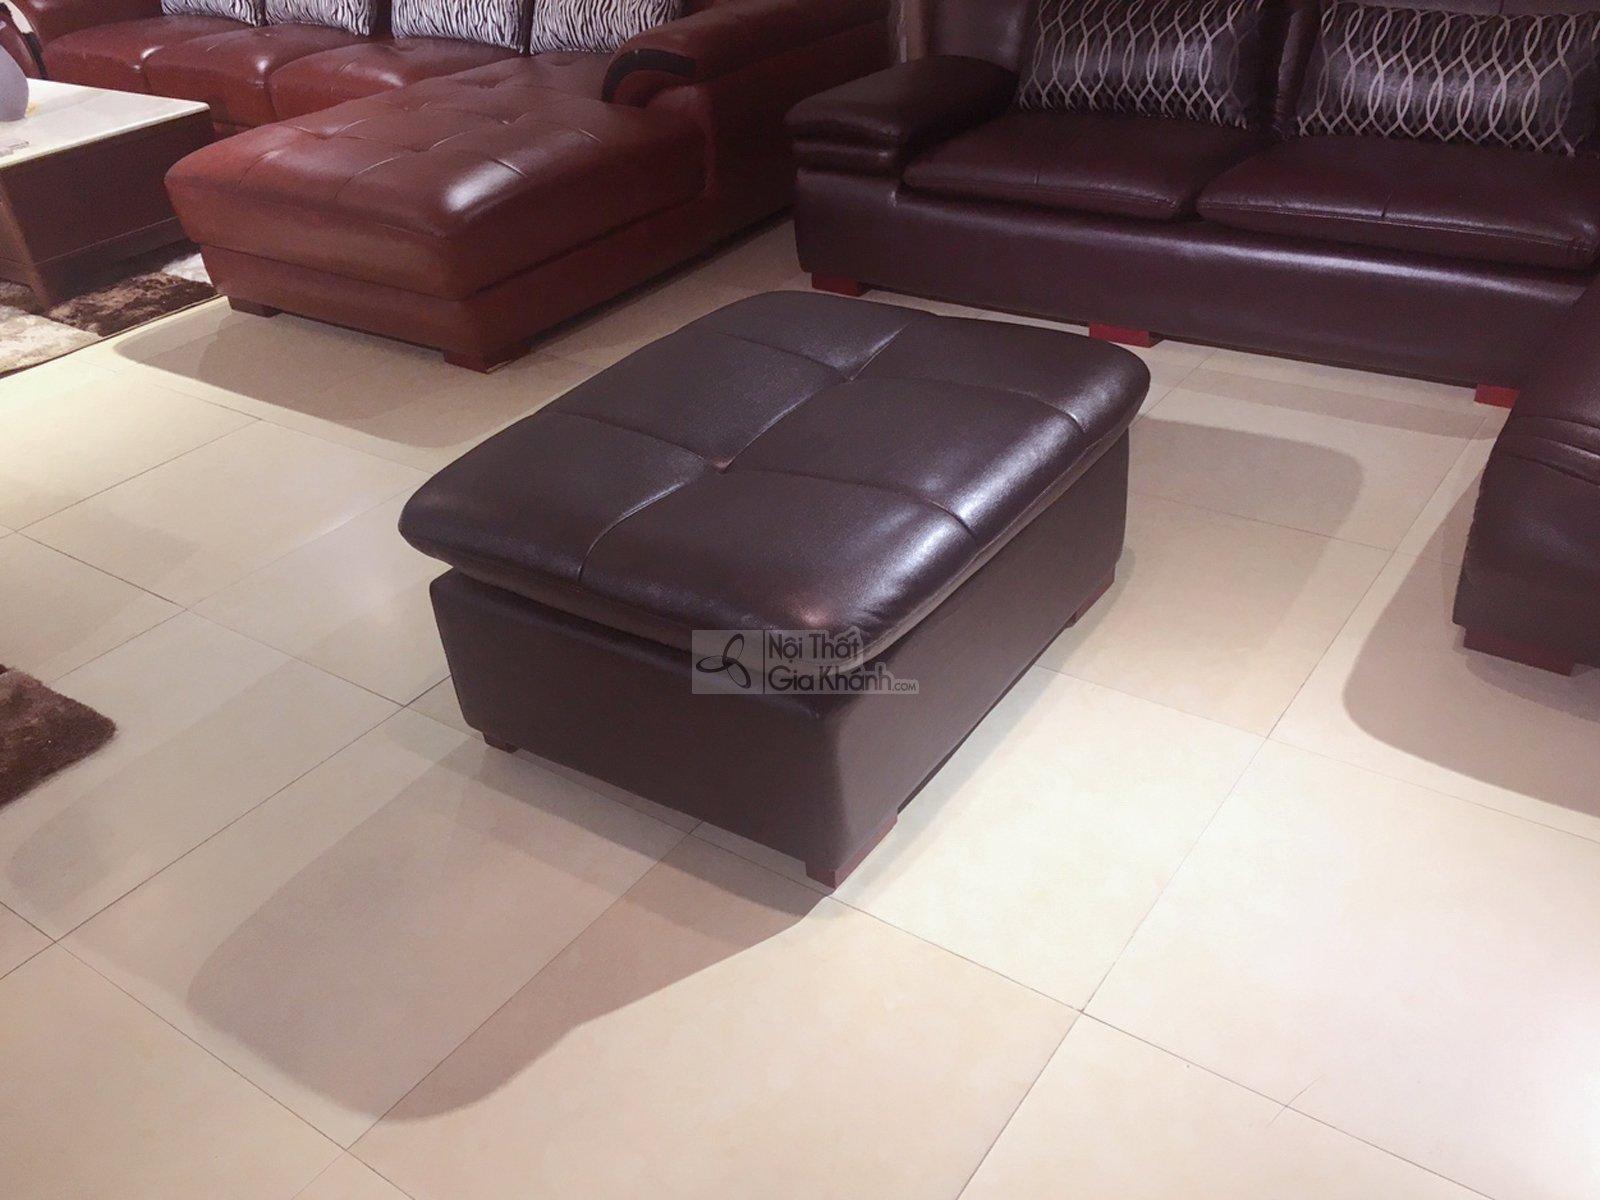 Đôn sofa da bóng màu nâu café cho phòng khách 9029DSF sang trọng - 9029DSF 3